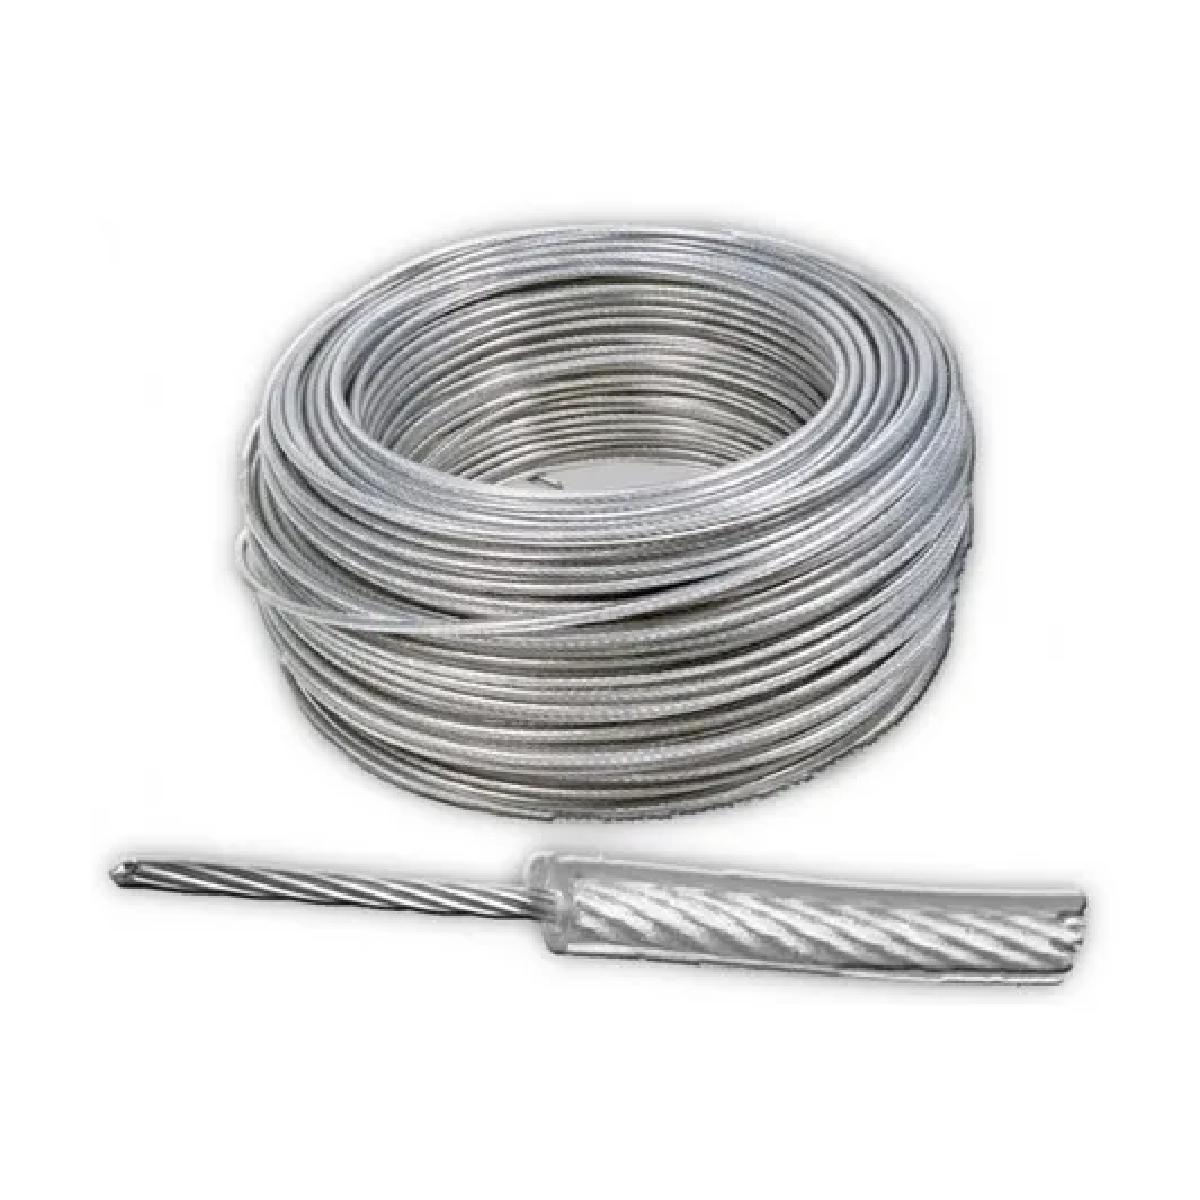 Cable De Acero Con Recubrimiento Pvc 7x7 1/16-3/32 Y 300 M